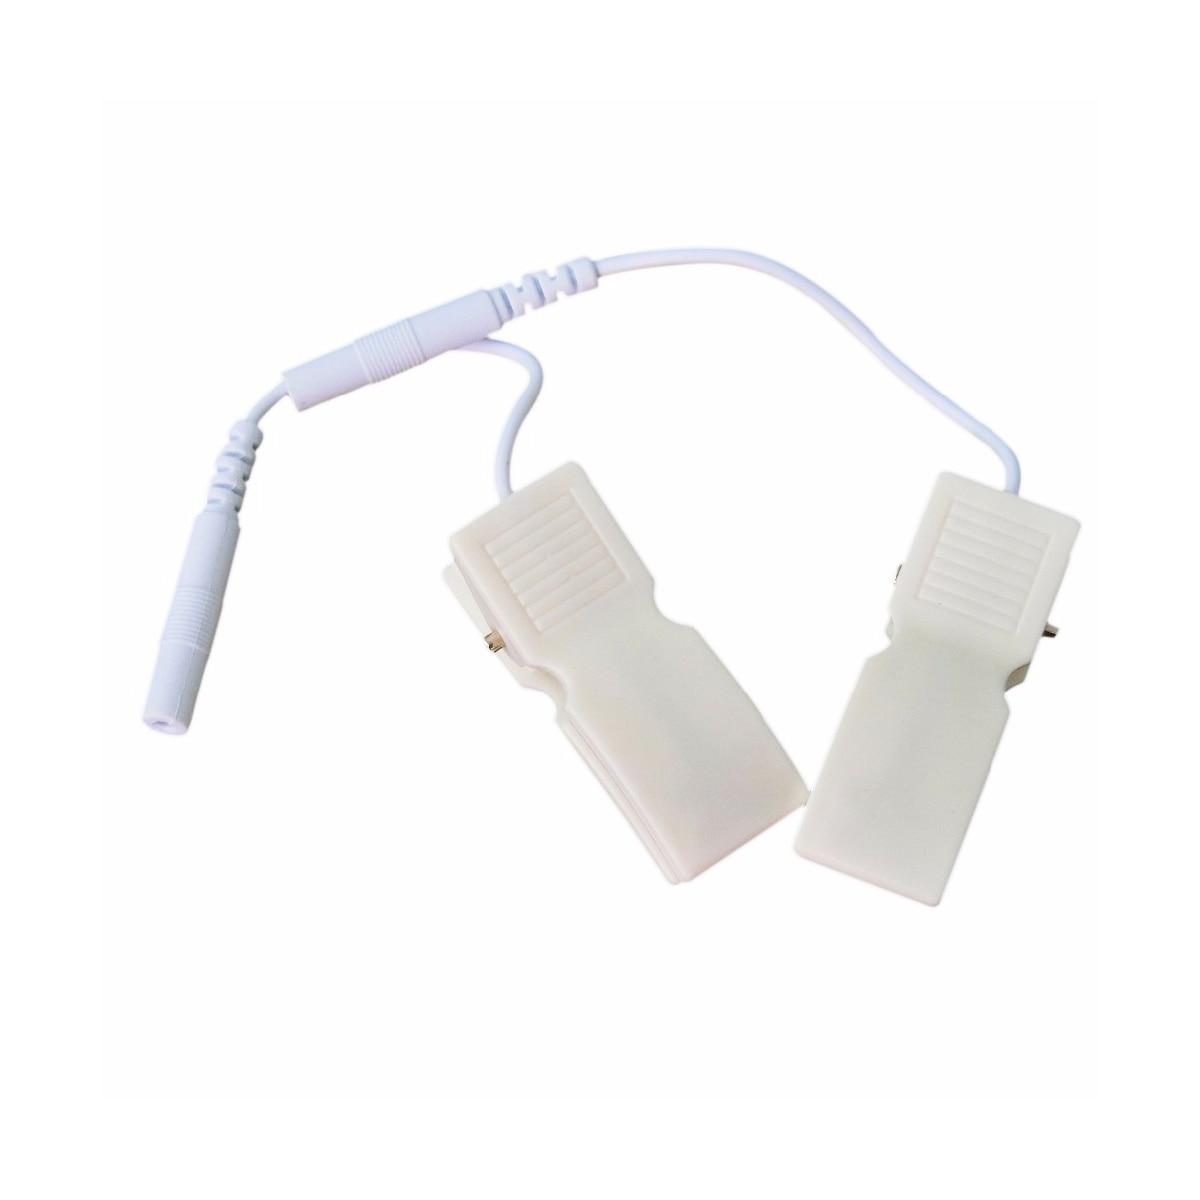 100 пар/упак. электрод десятки массажер уха клип жильный кабель Pin 2,5 мм электрода Pad Connector Замена Кабели для десятки